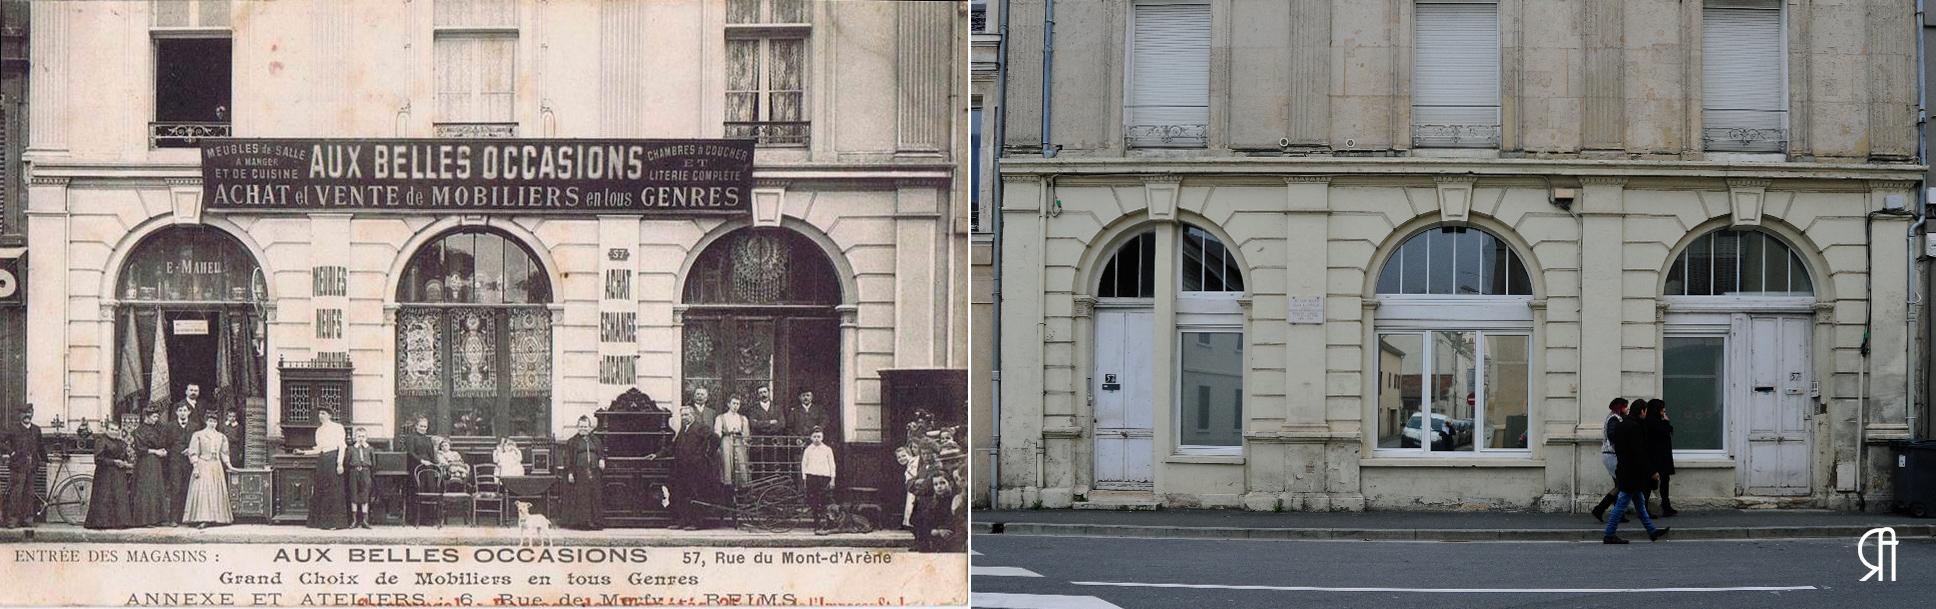 57 rue du Mont-d'Arène